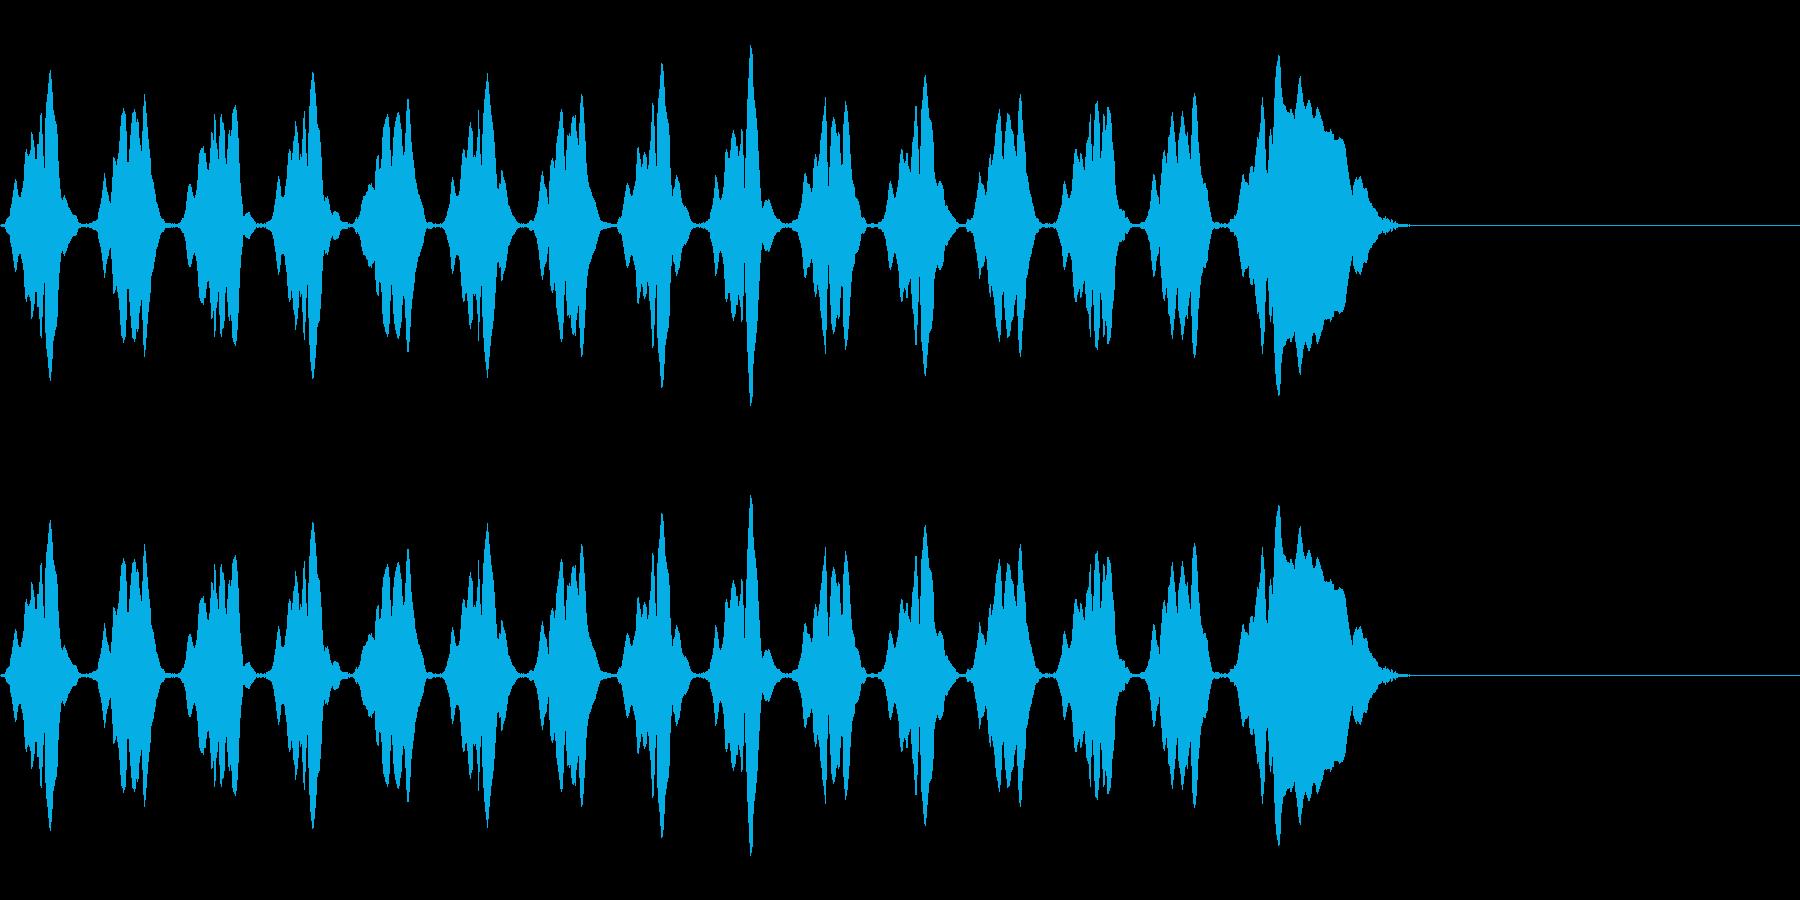 KANTニャ自主規制音4middleの再生済みの波形